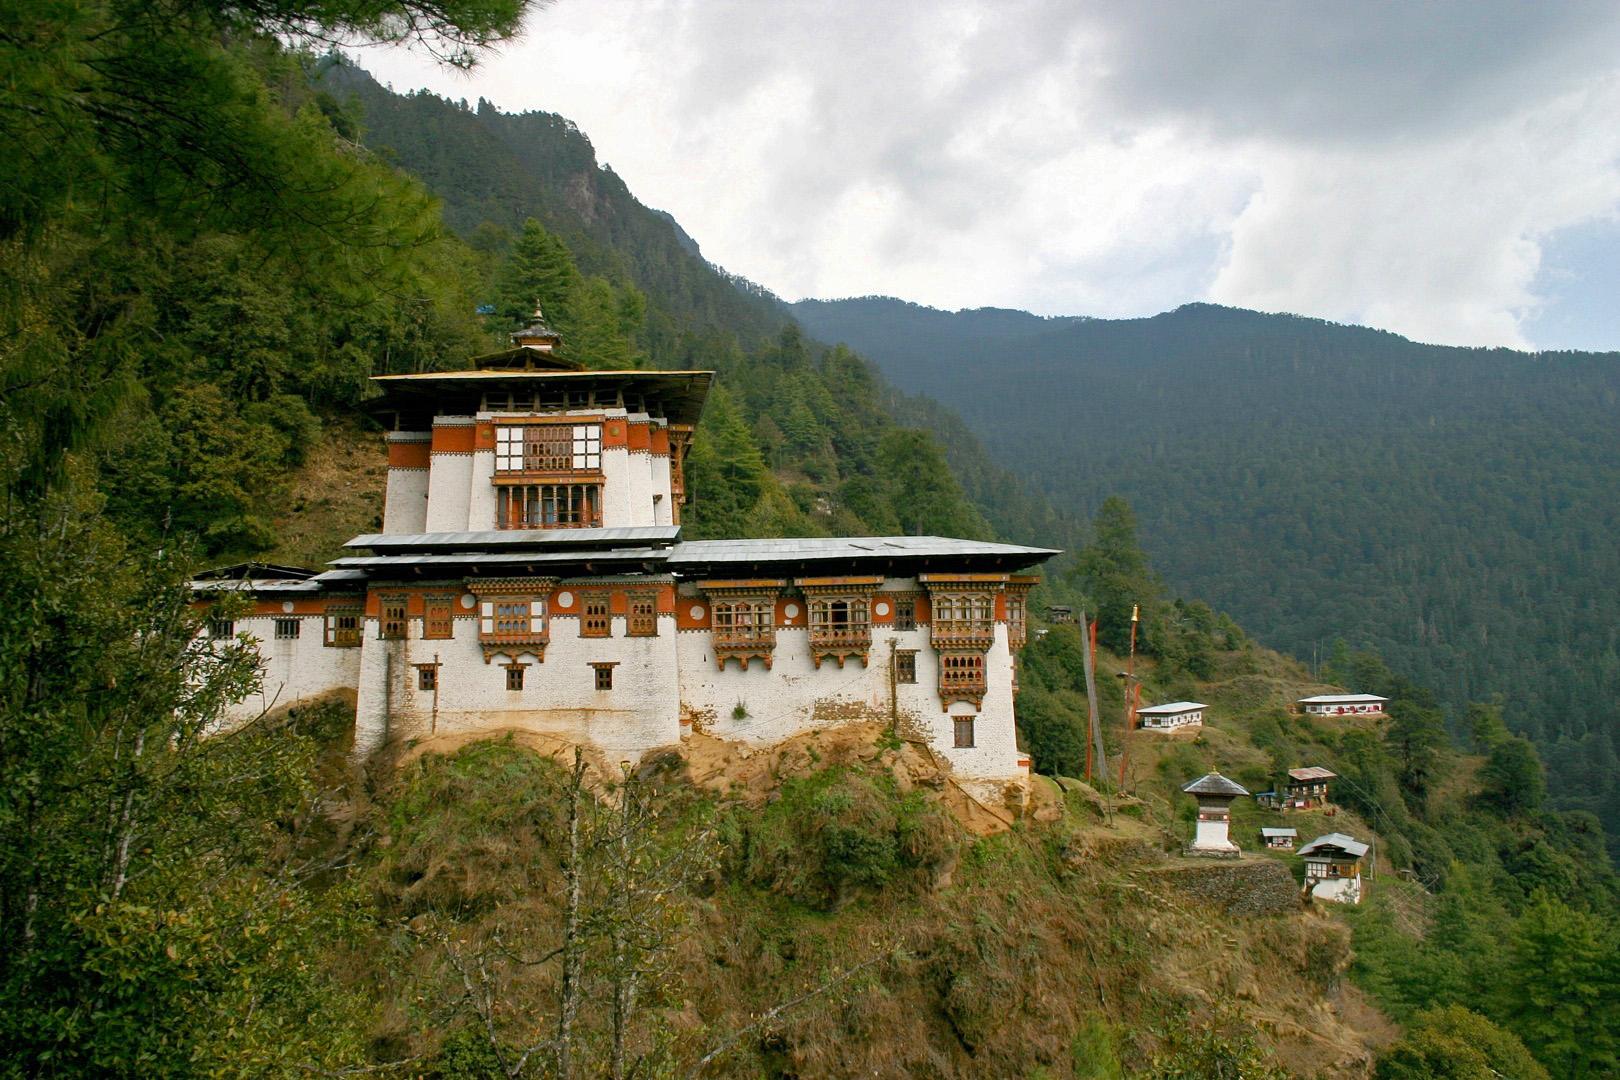 Zilukha nunnery thimphu bhutan dating